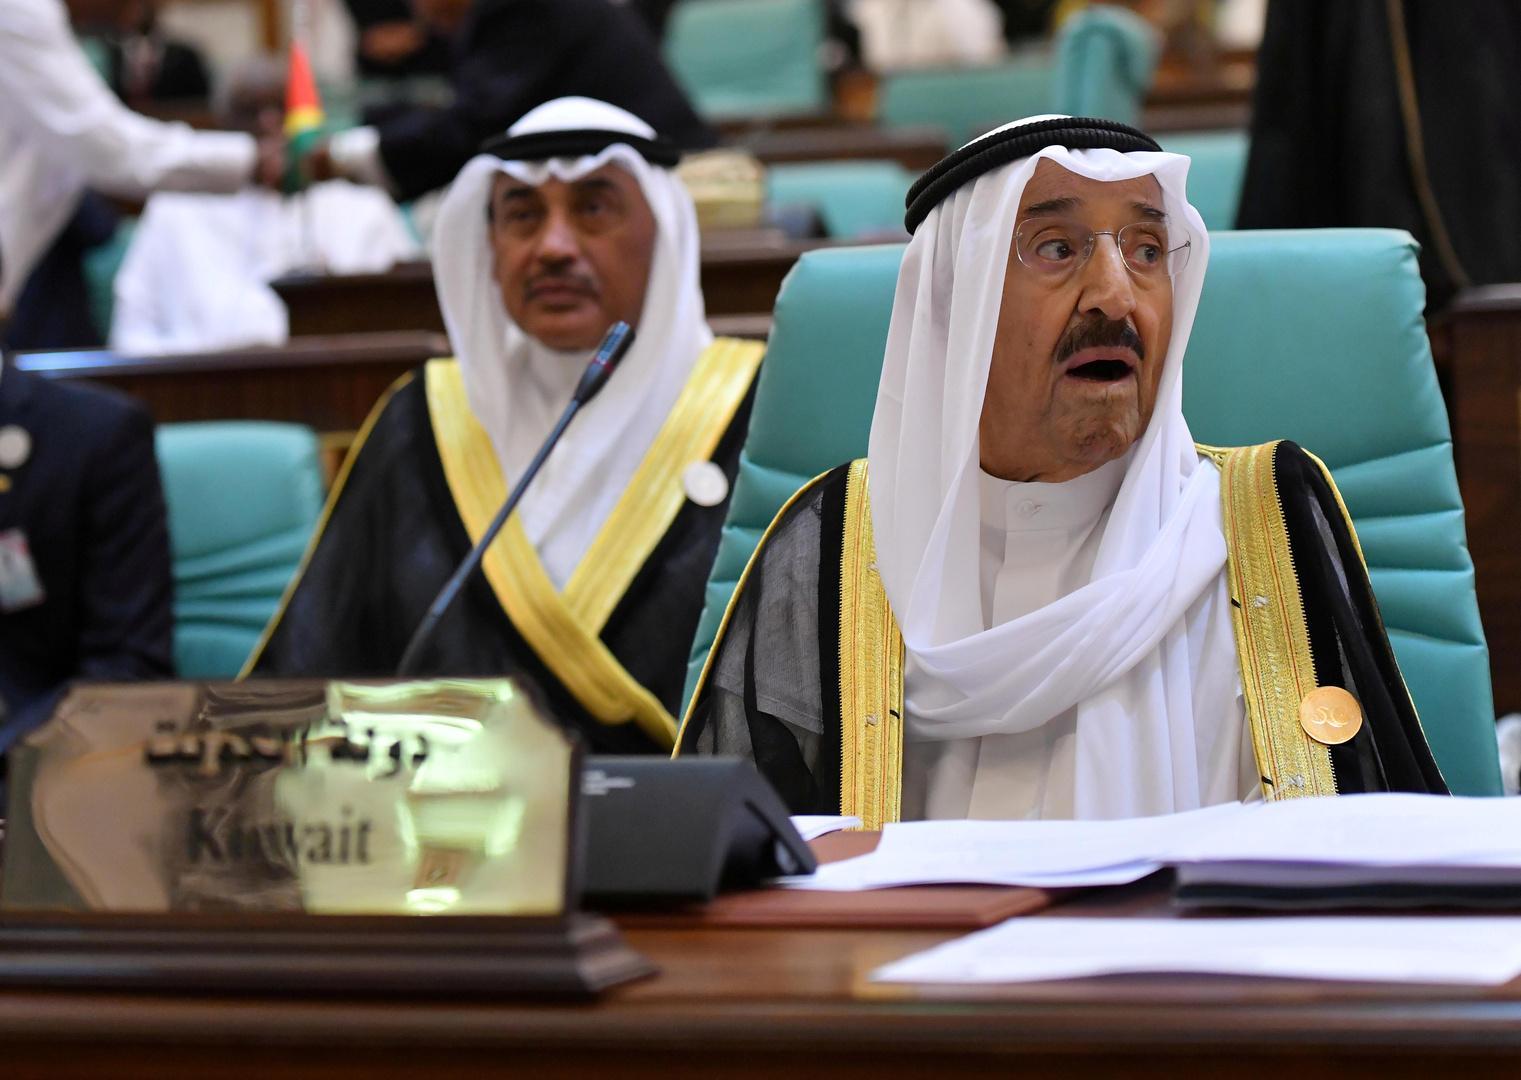 أمير الكويت يلتقي أعضاء الحكومة الجديدة: أمامكم مسؤوليات كبيرة